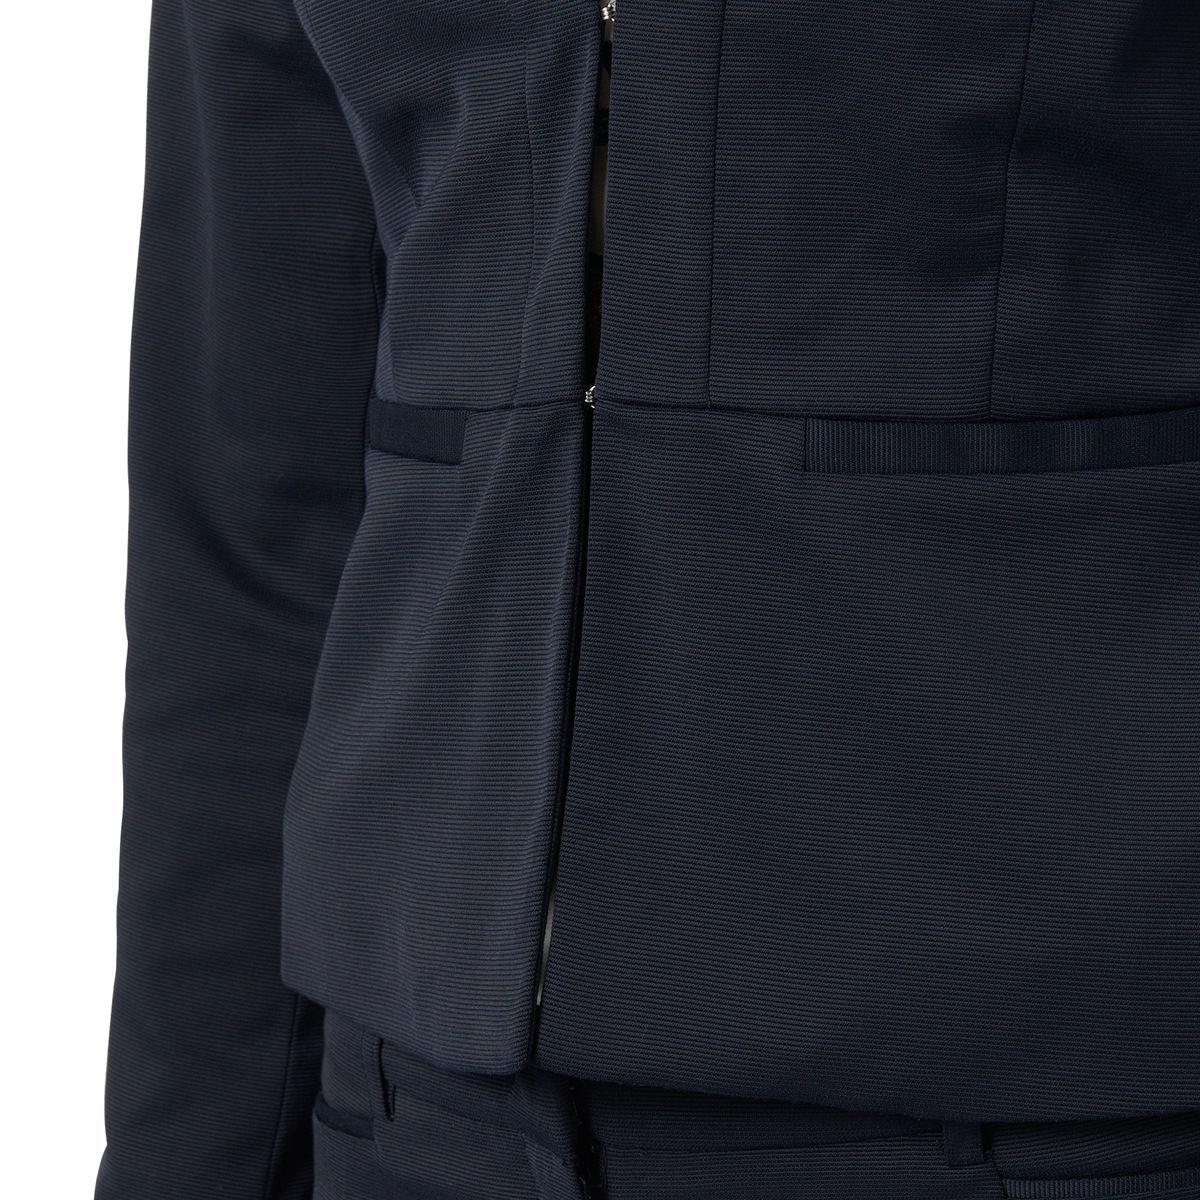 Blazer in Struktur-Stoff in blue black